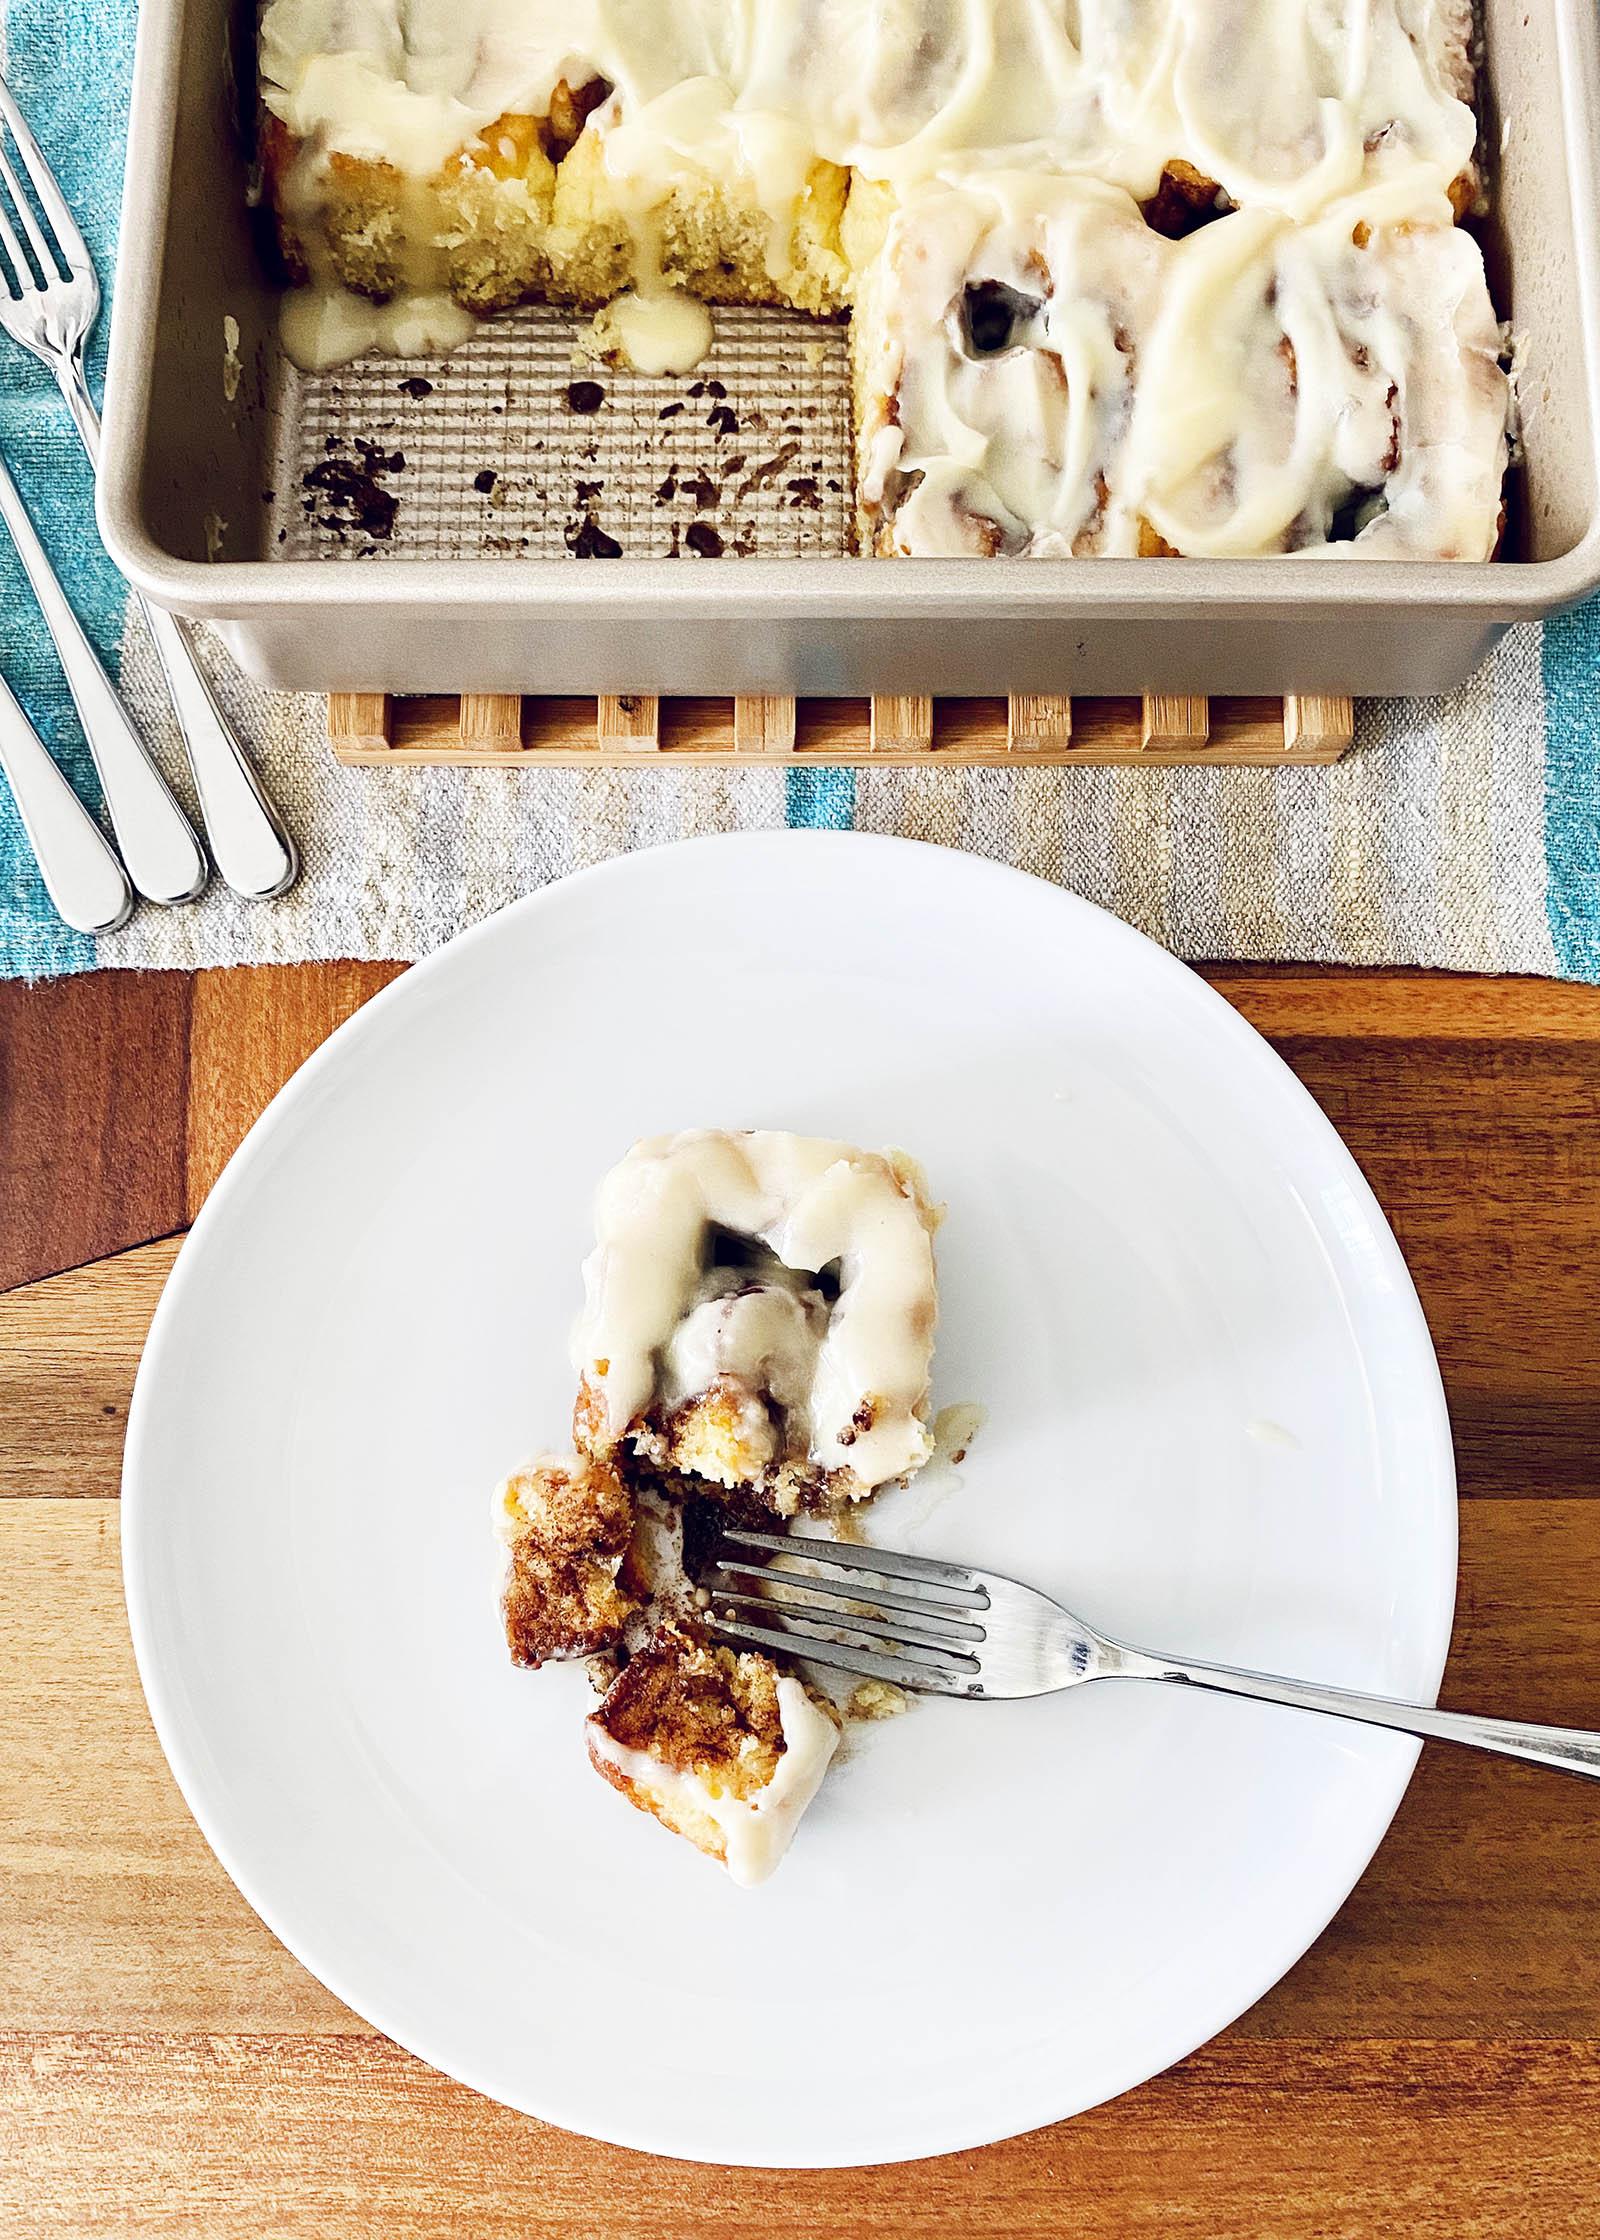 Тарелка с лучшими булочками с корицей без глютена и сковородой с остальными замороженными булочками за тарелкой.